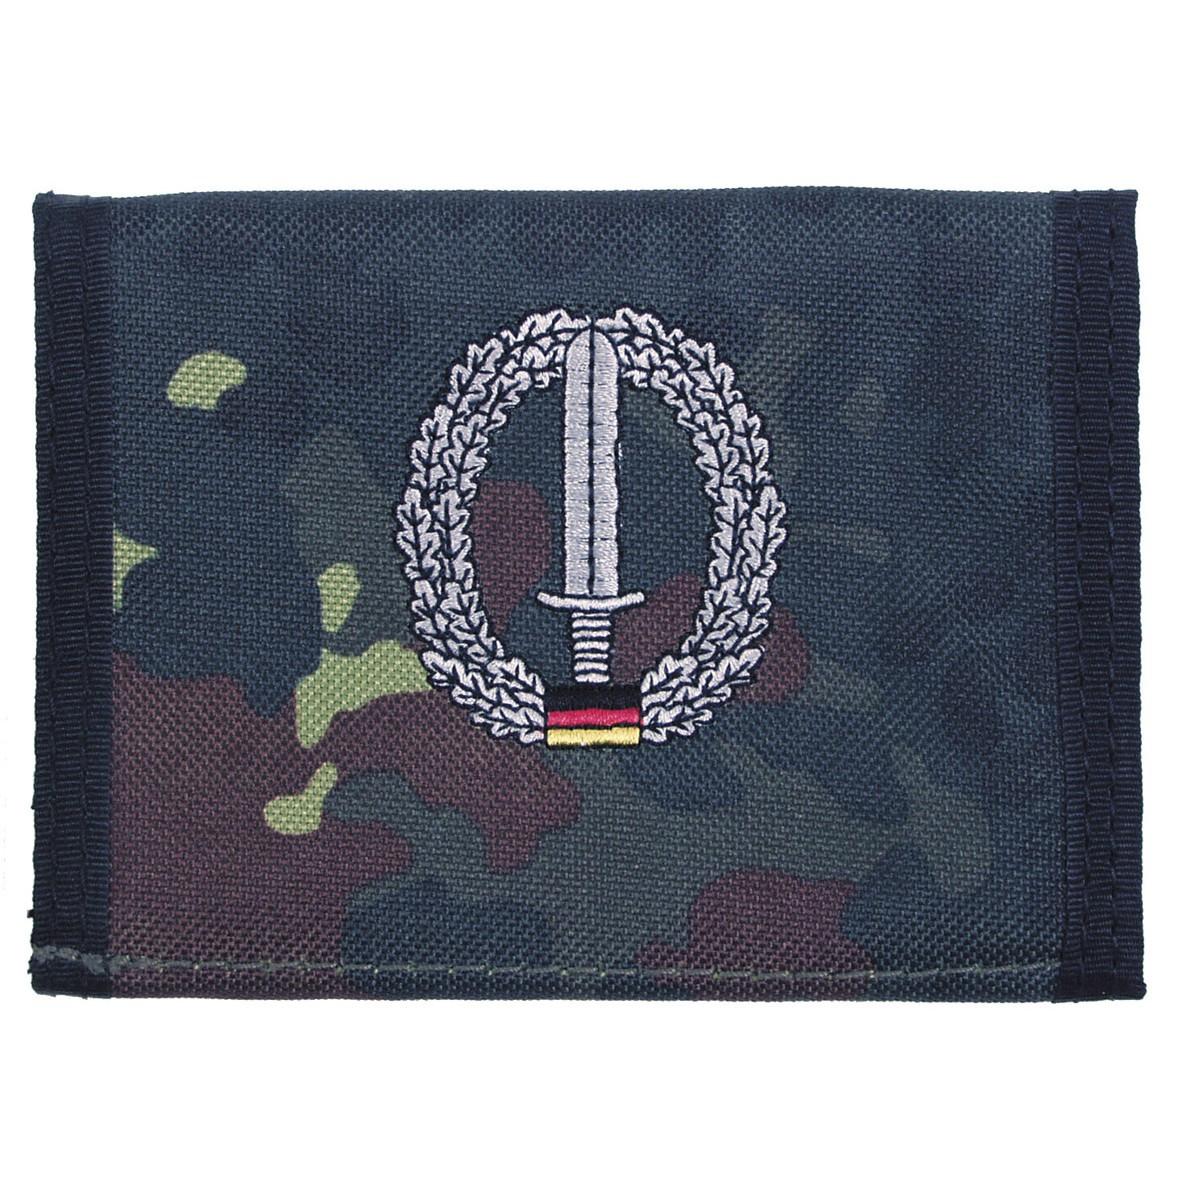 Бумажник «Бундесвер» флектарн с эмблемой «командование специальных сил» MFH